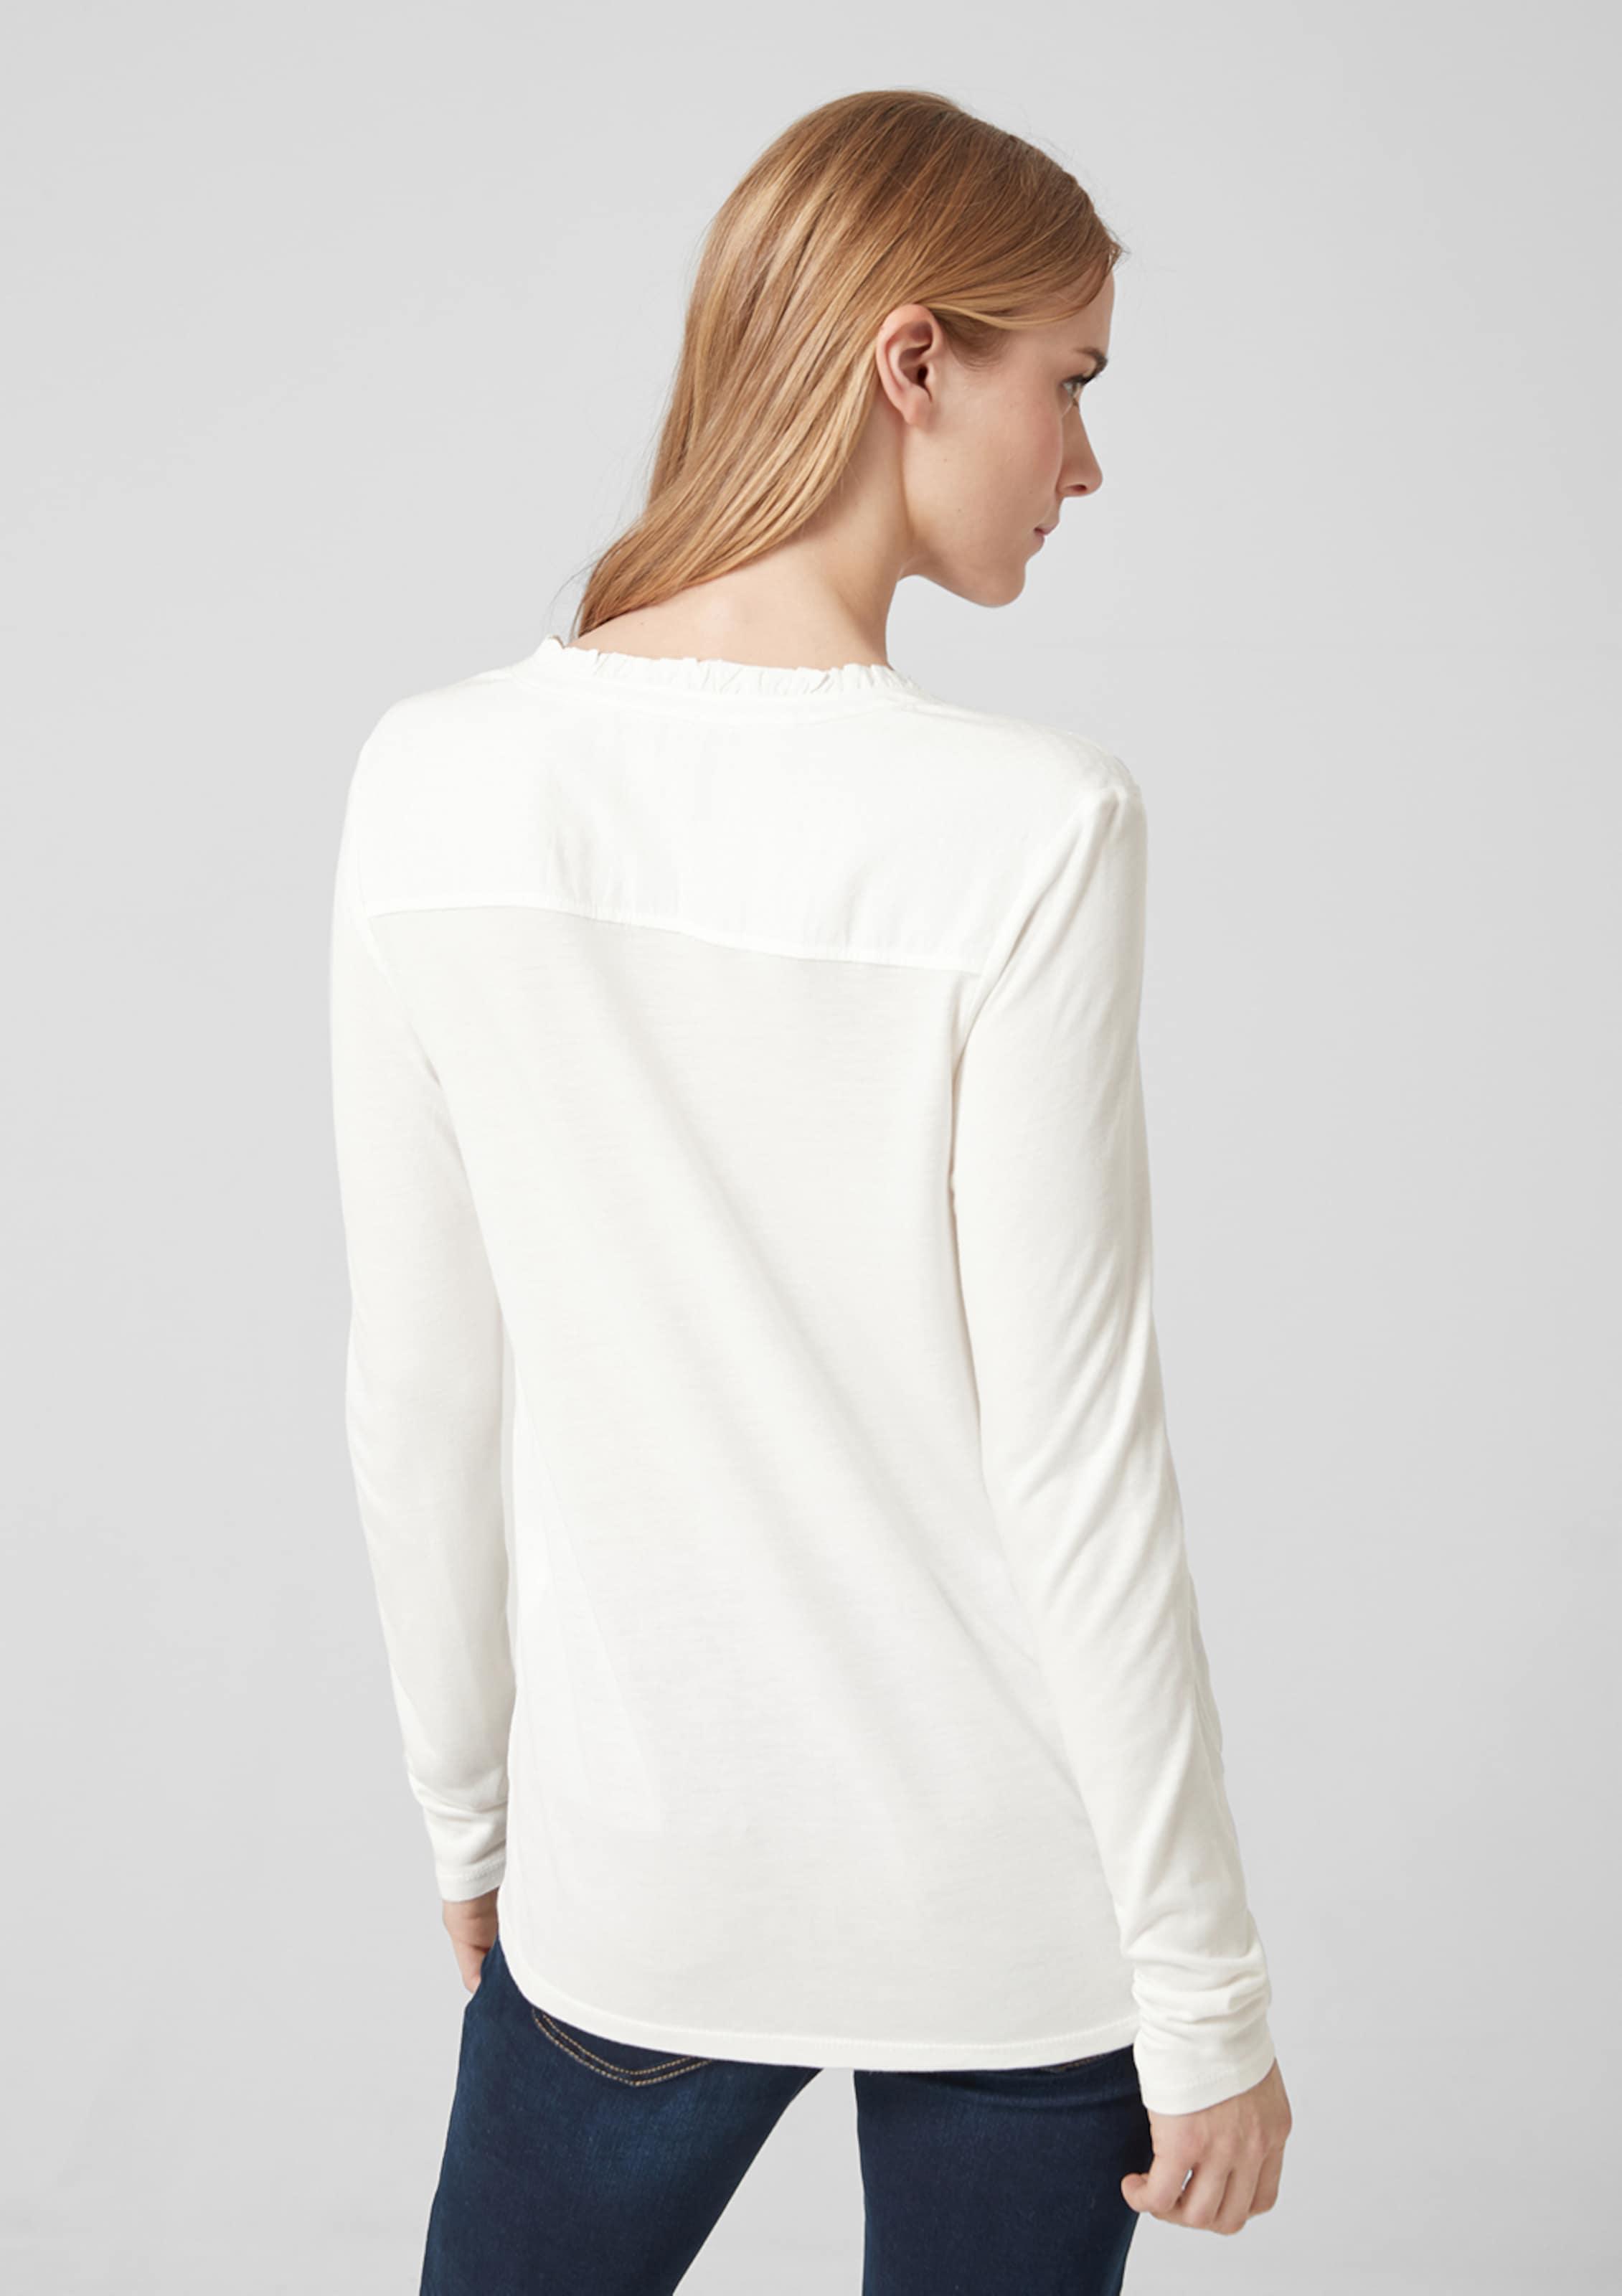 S S Blusenshirt S In Weiß oliver Blusenshirt oliver In Weiß bg6f7yvIY